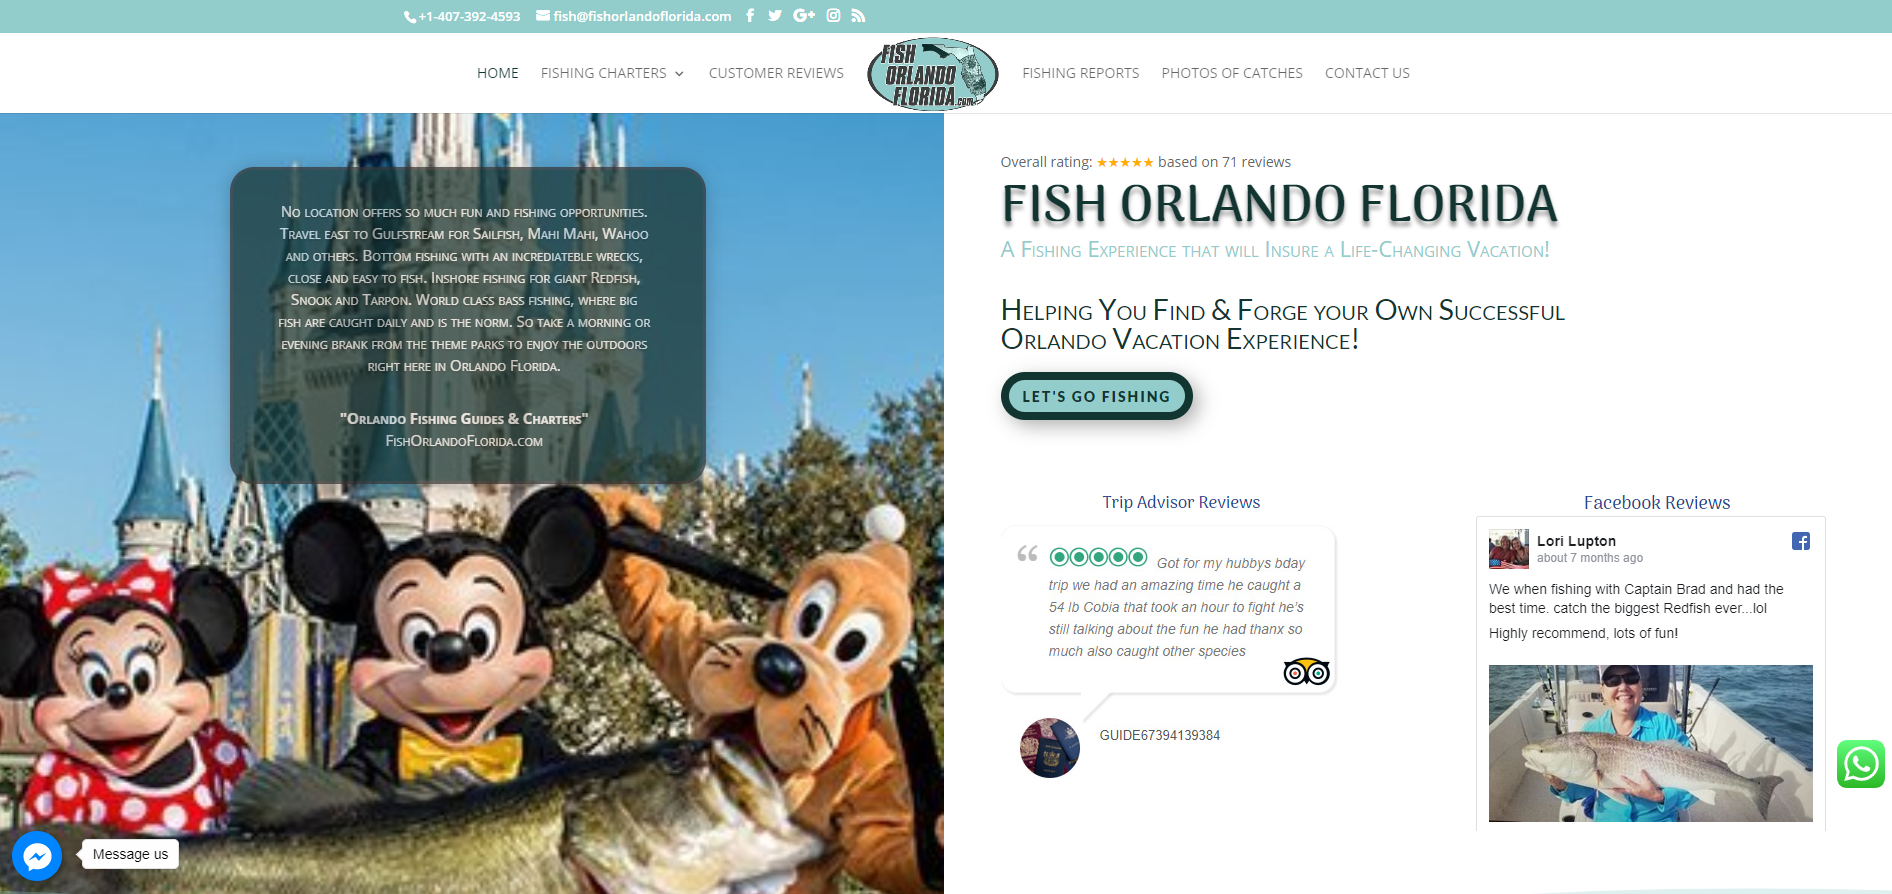 Fish Orlando Florida